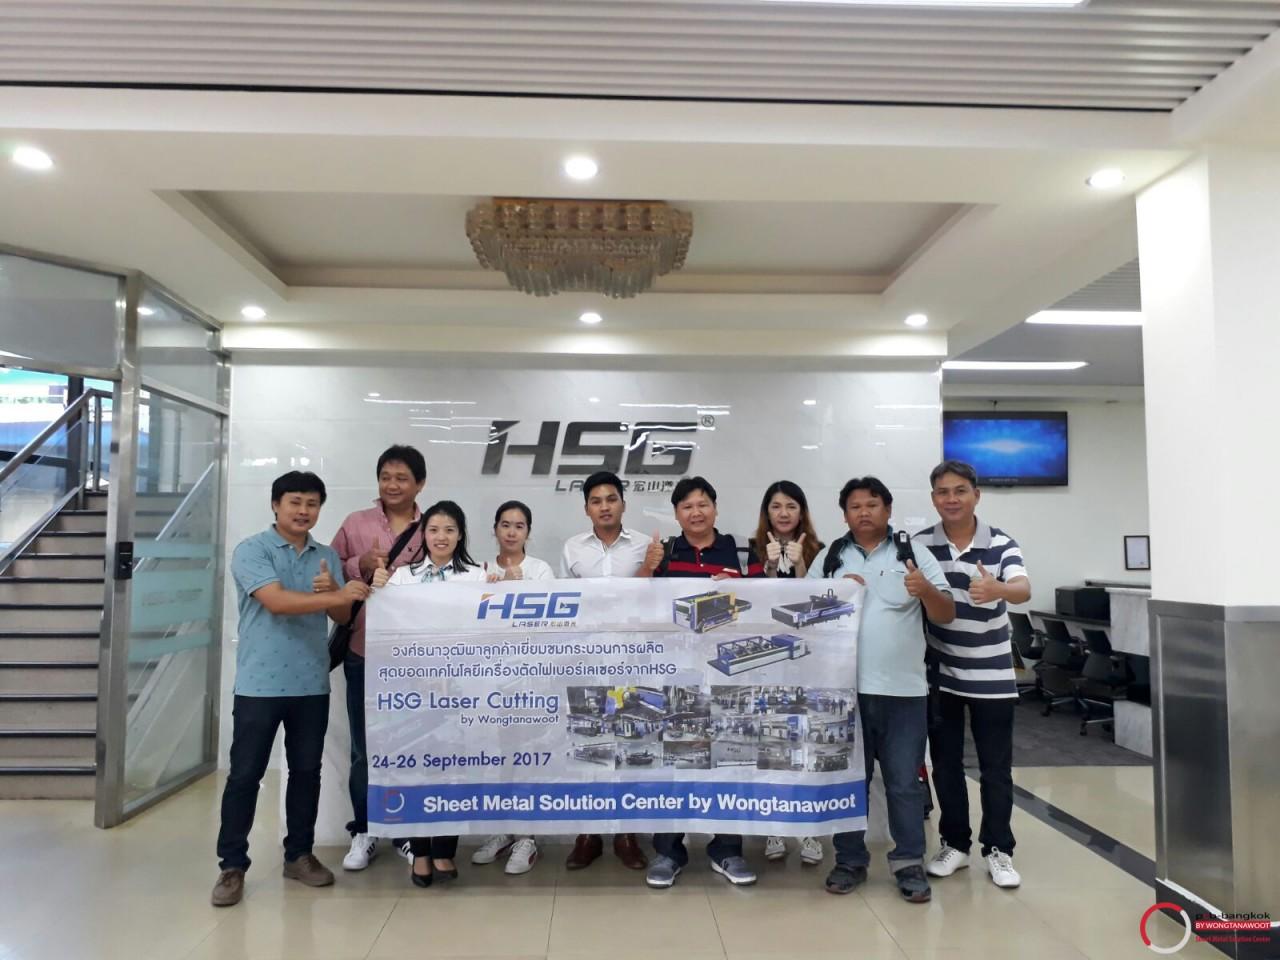 Wongtanawoot___Fiber_Laser_cutting_HSG_1